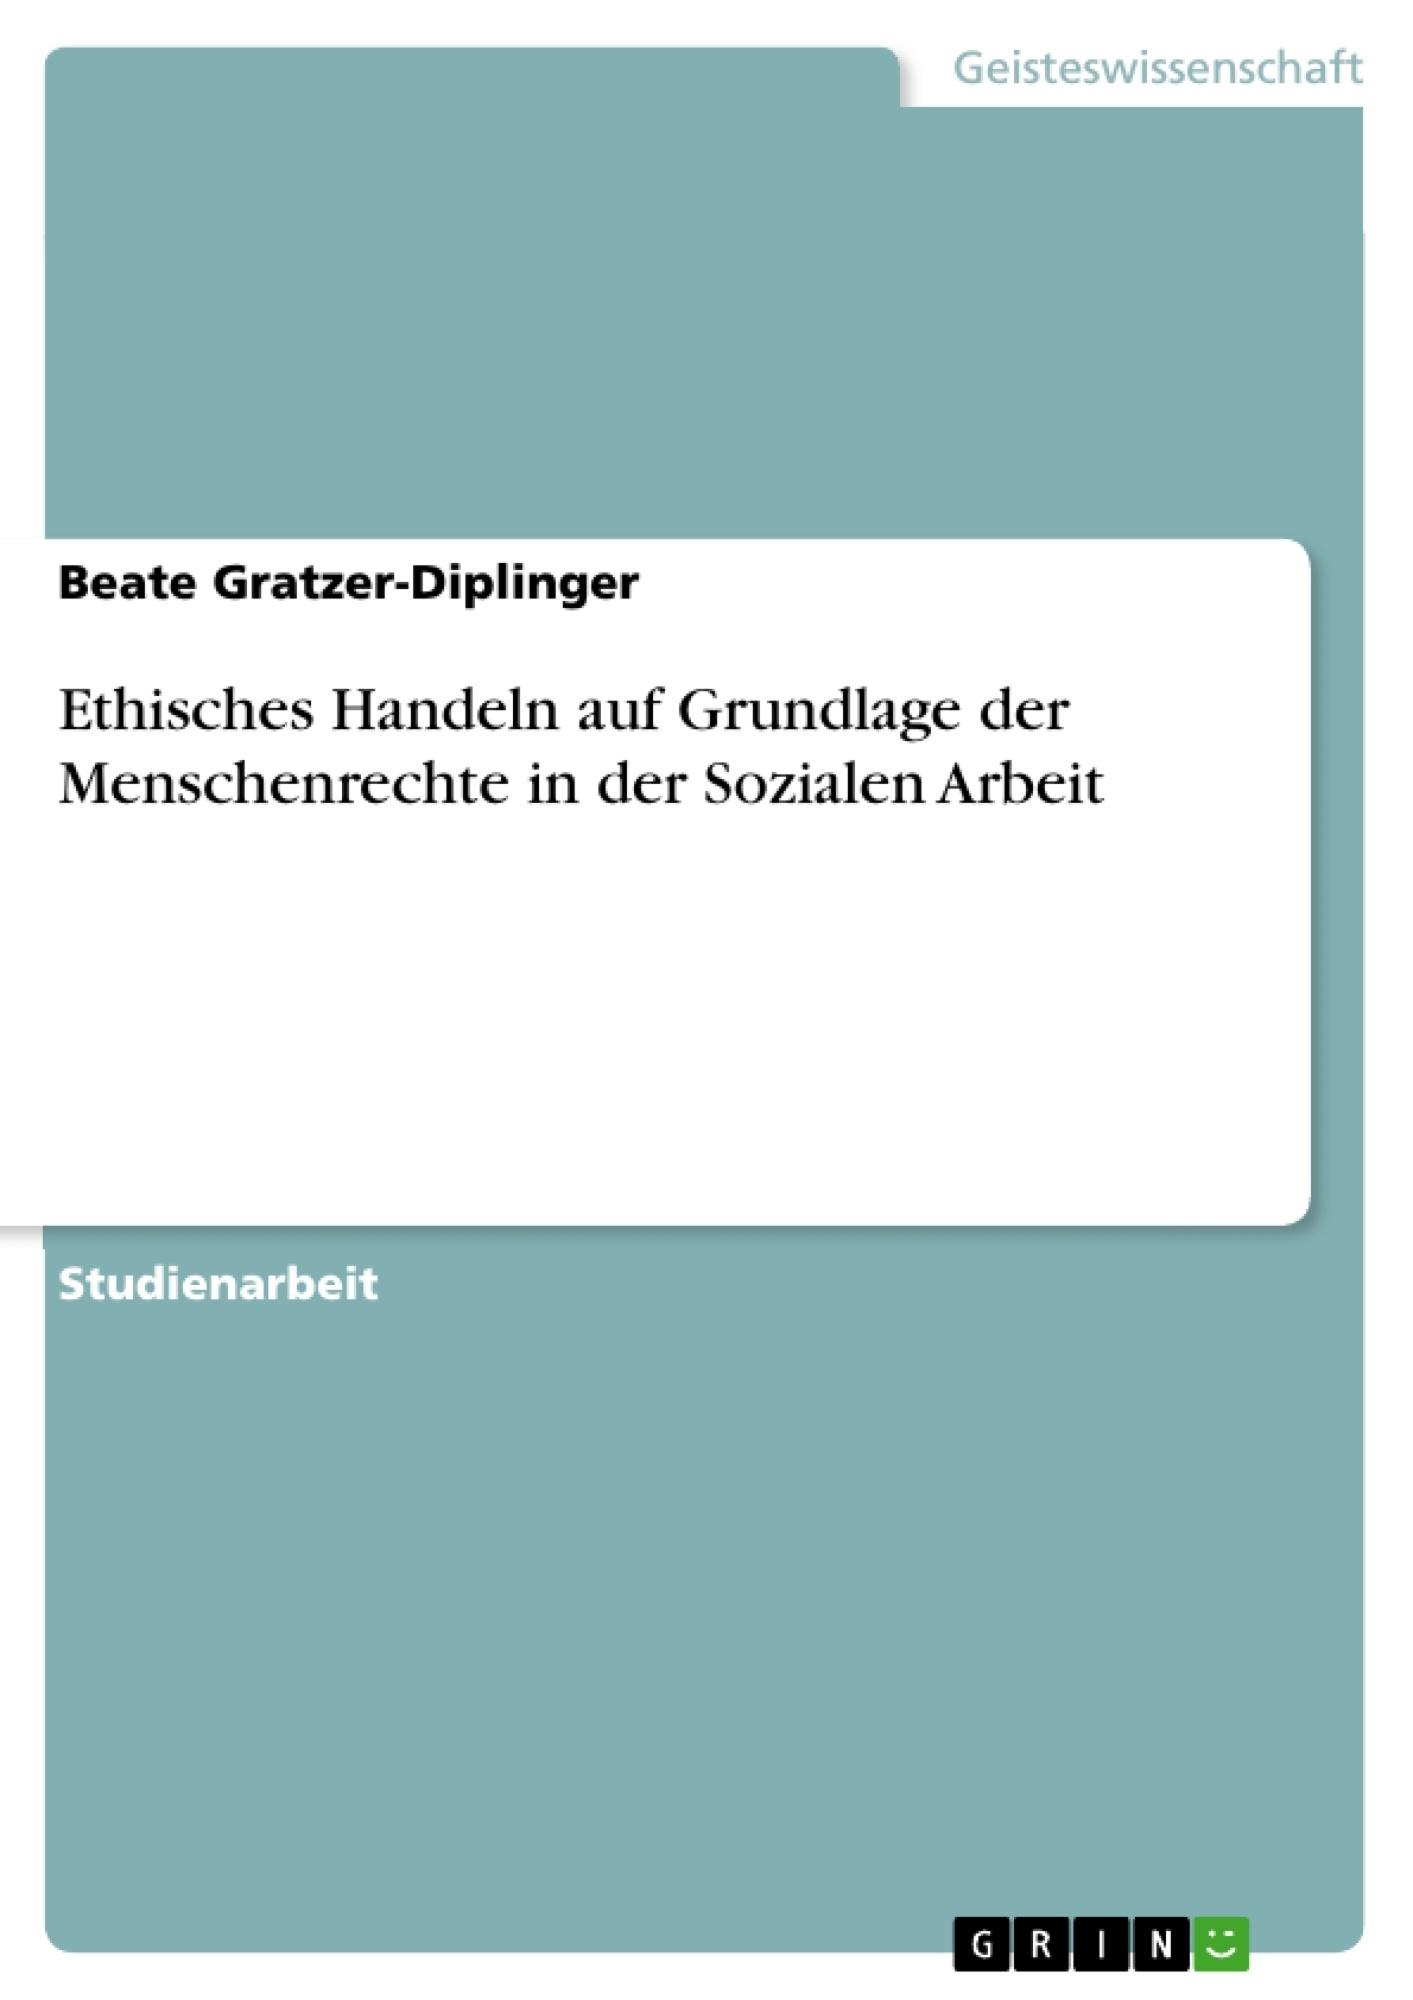 Titel: Ethisches Handeln auf Grundlage der Menschenrechte in der Sozialen Arbeit